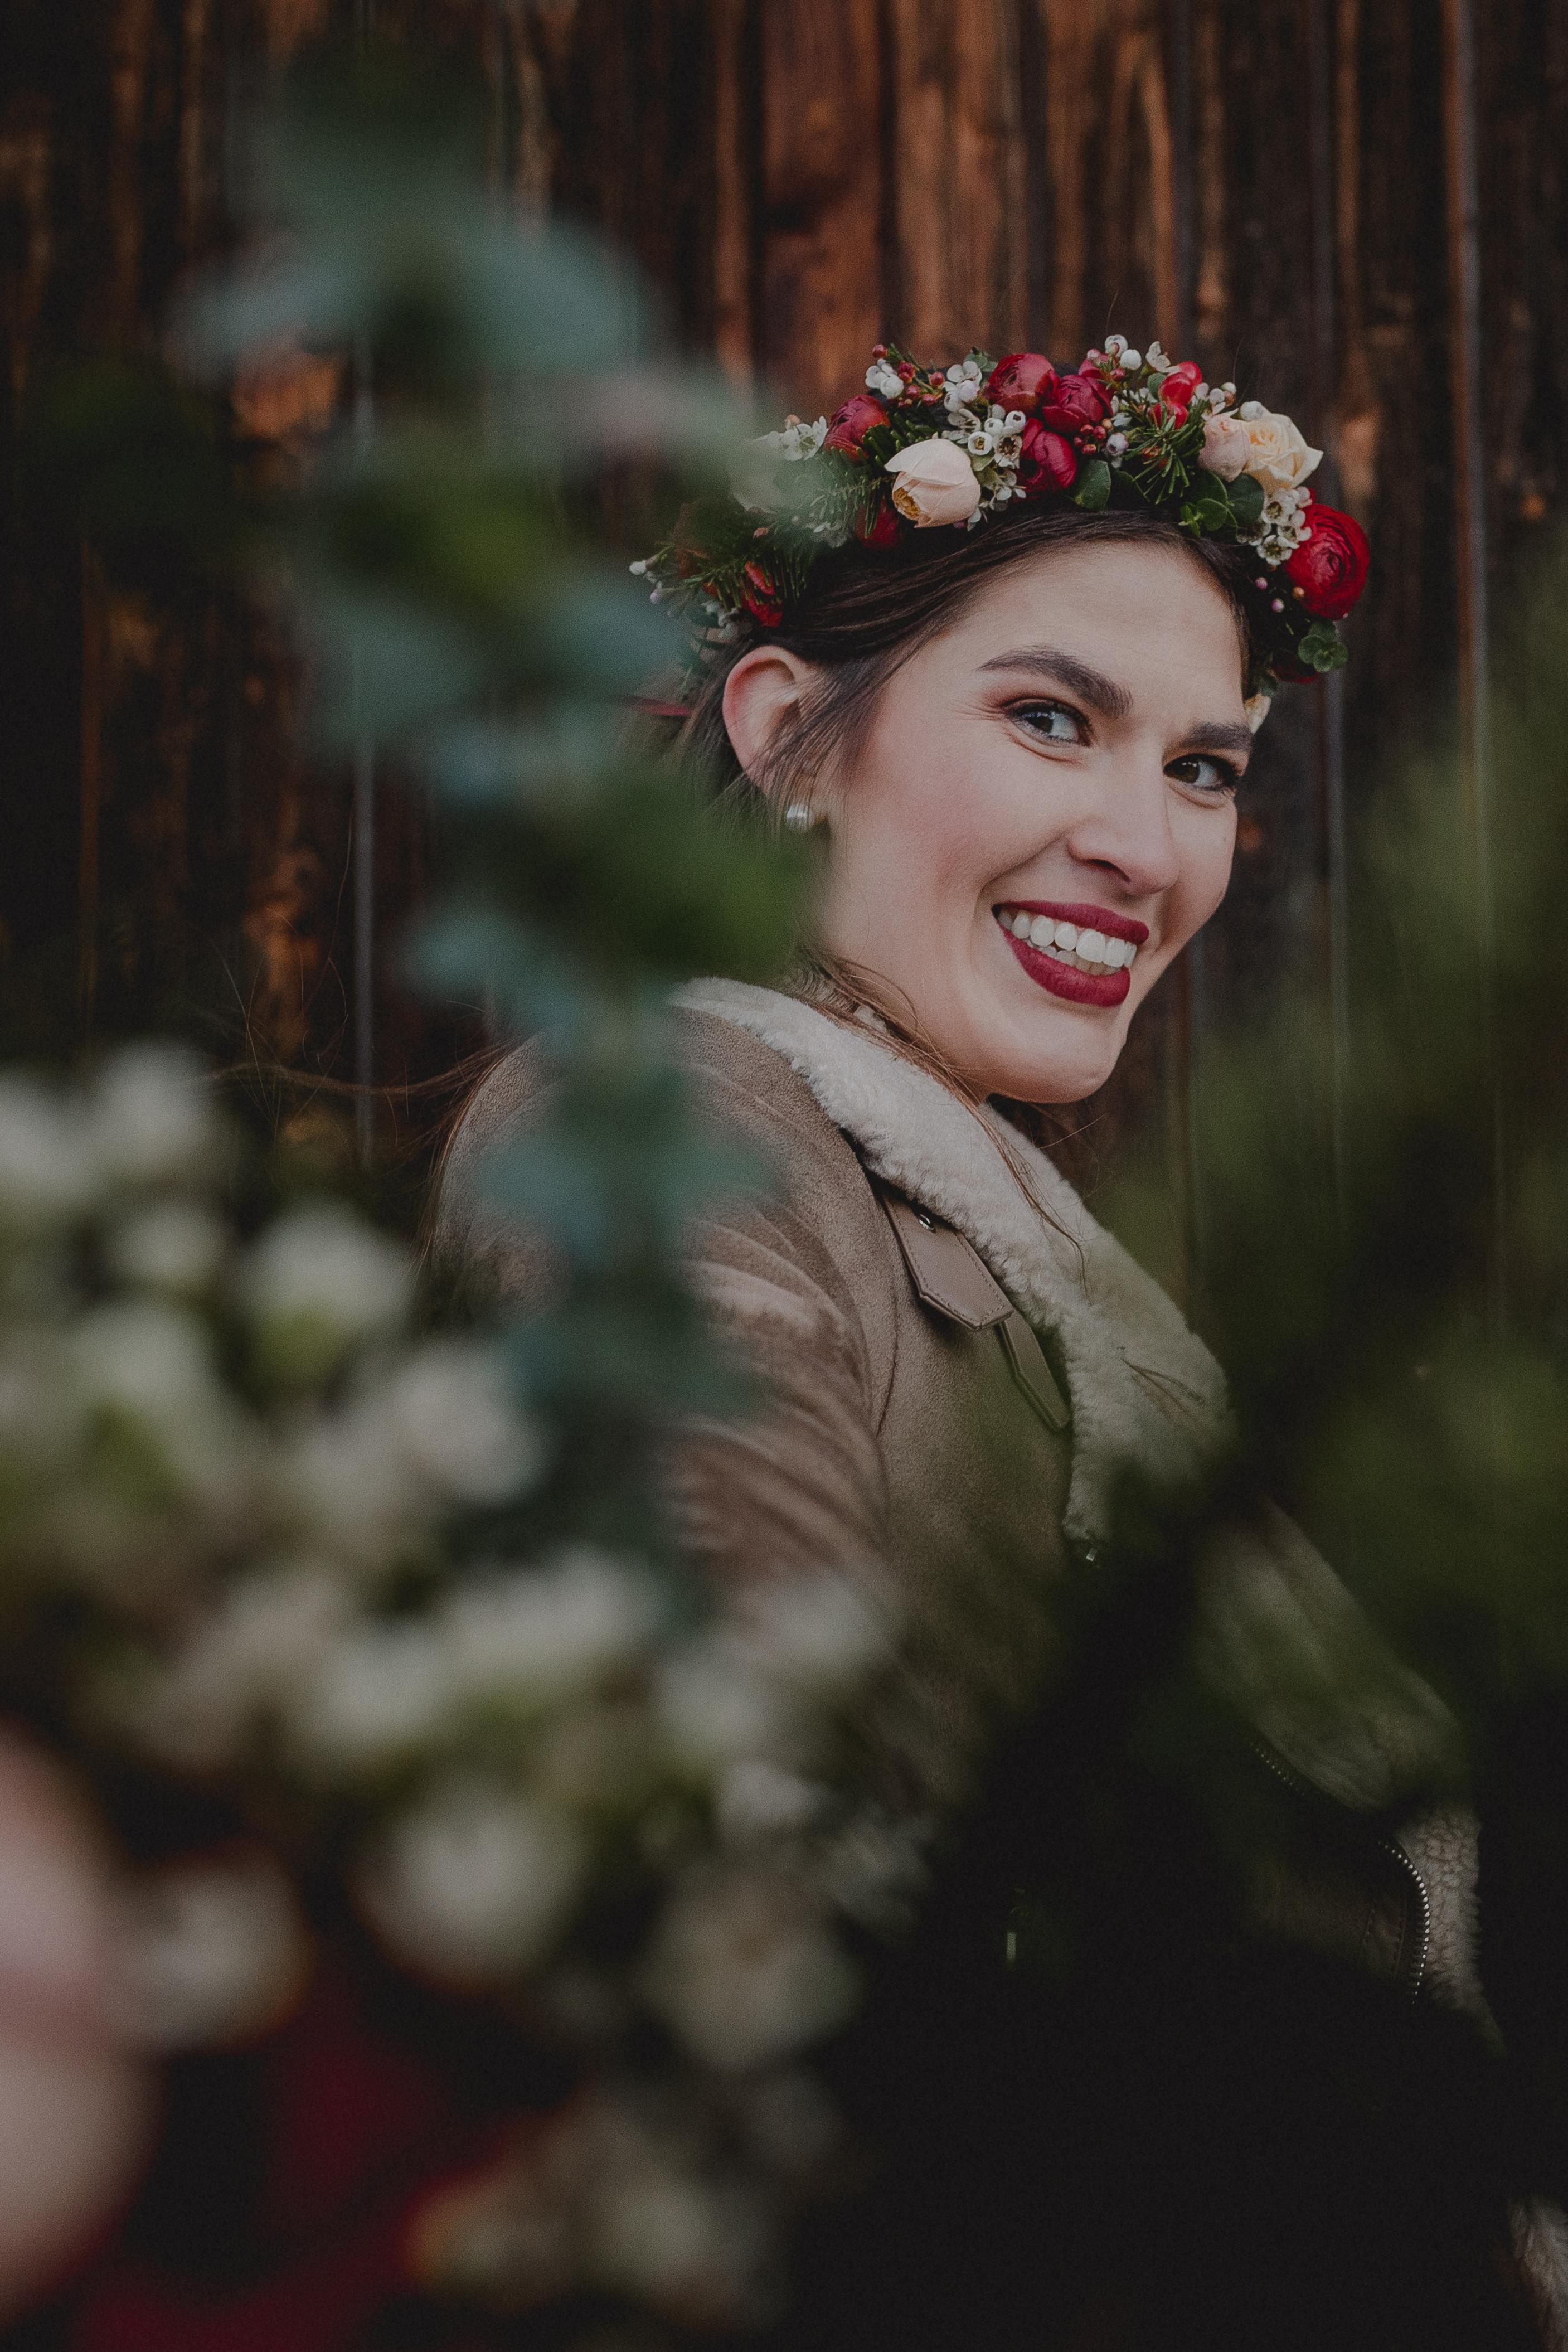 URBANERIE_Daniela_Goth_Vintage_Hochzeits